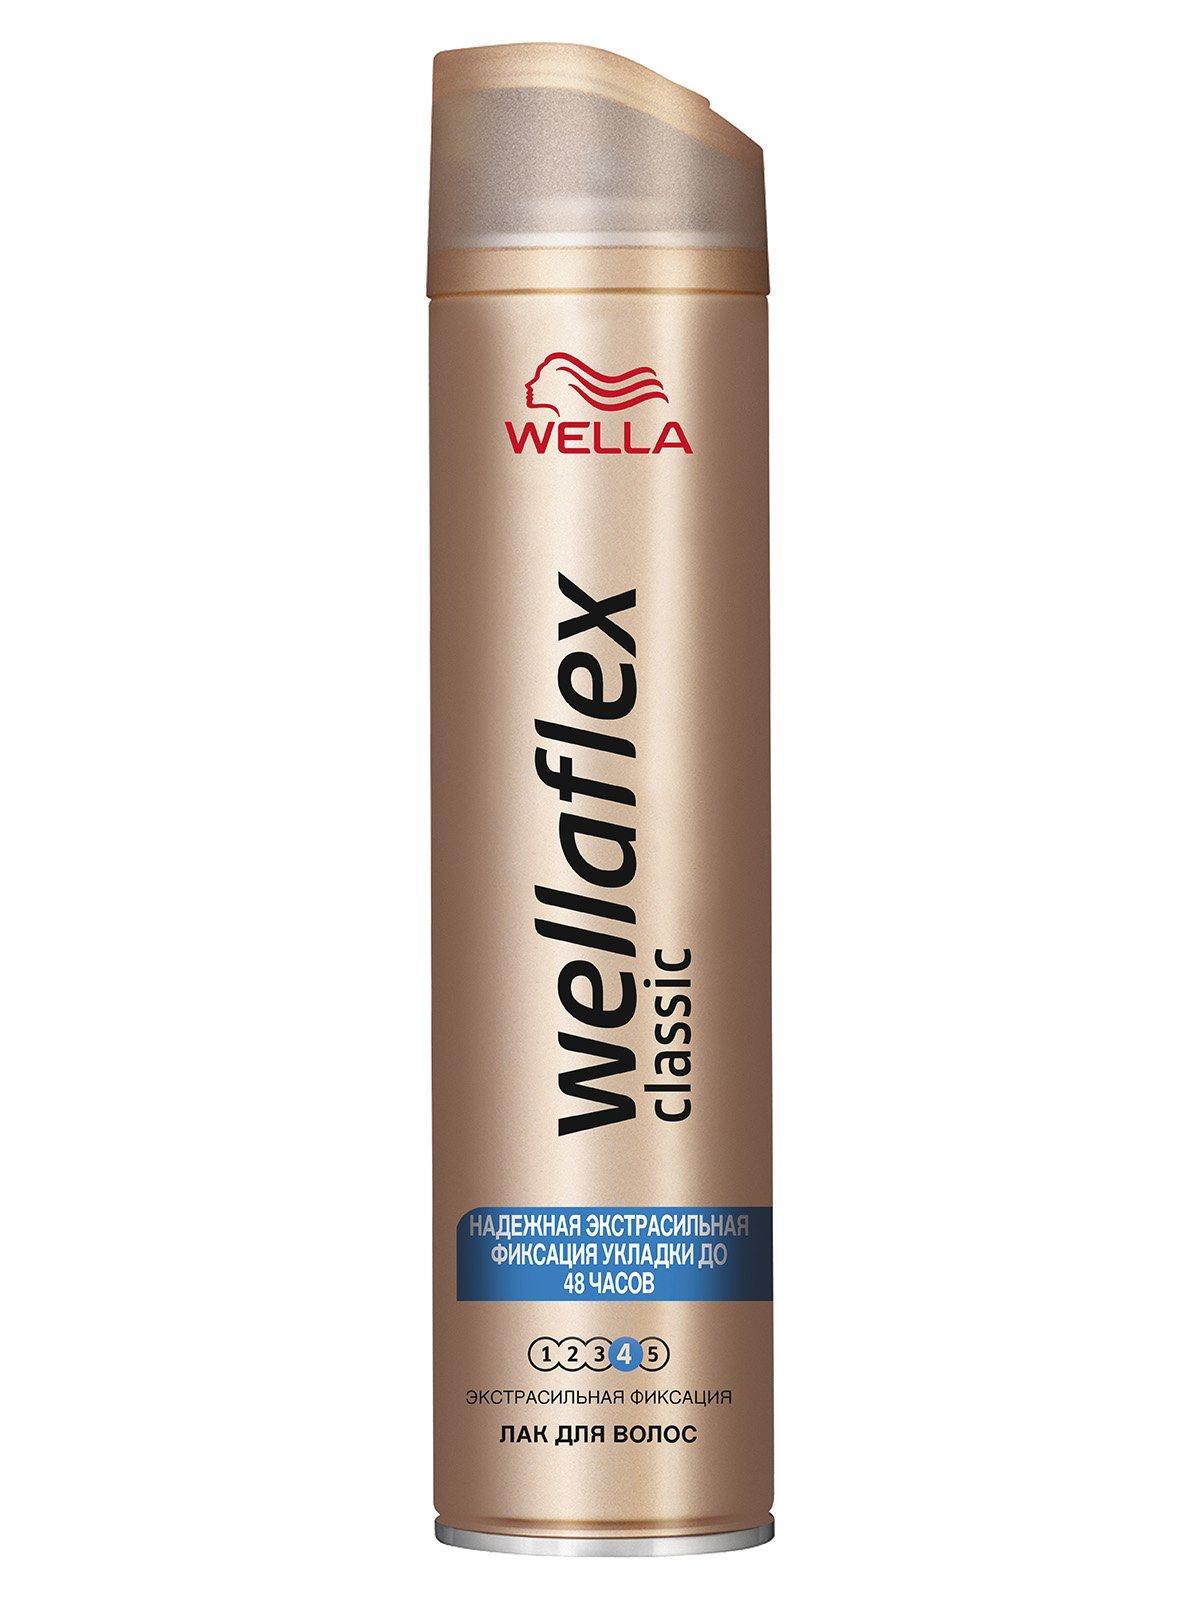 Лак для волос Wellaflex Classic экстрасильная фиксация